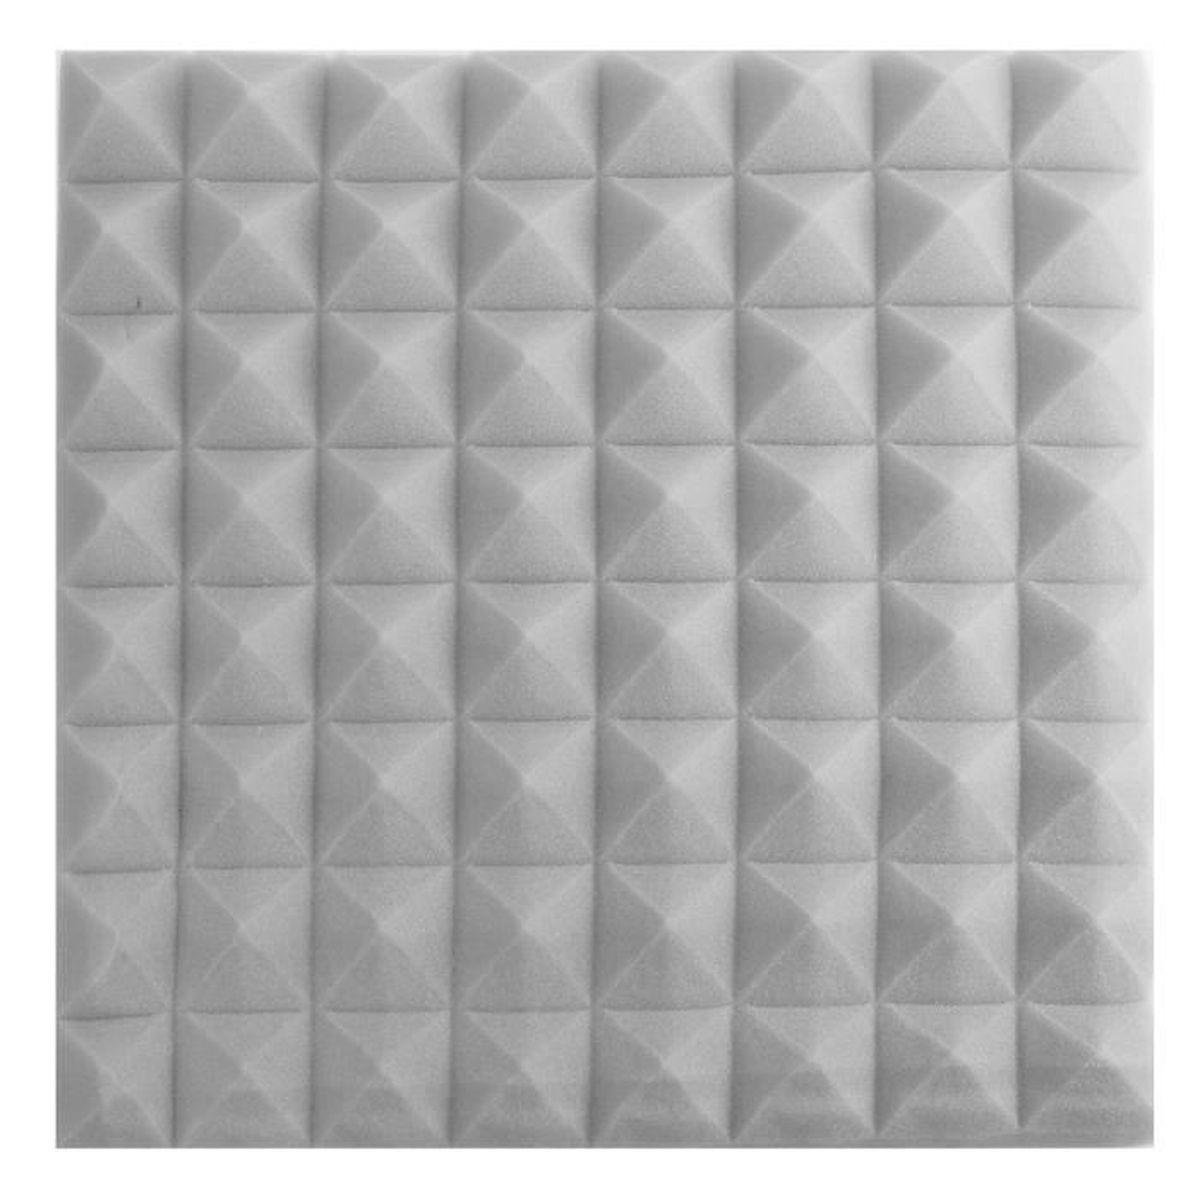 tempsa acoustique insonorisation mousse ponge bruit absorption studio gris clair rev tement. Black Bedroom Furniture Sets. Home Design Ideas